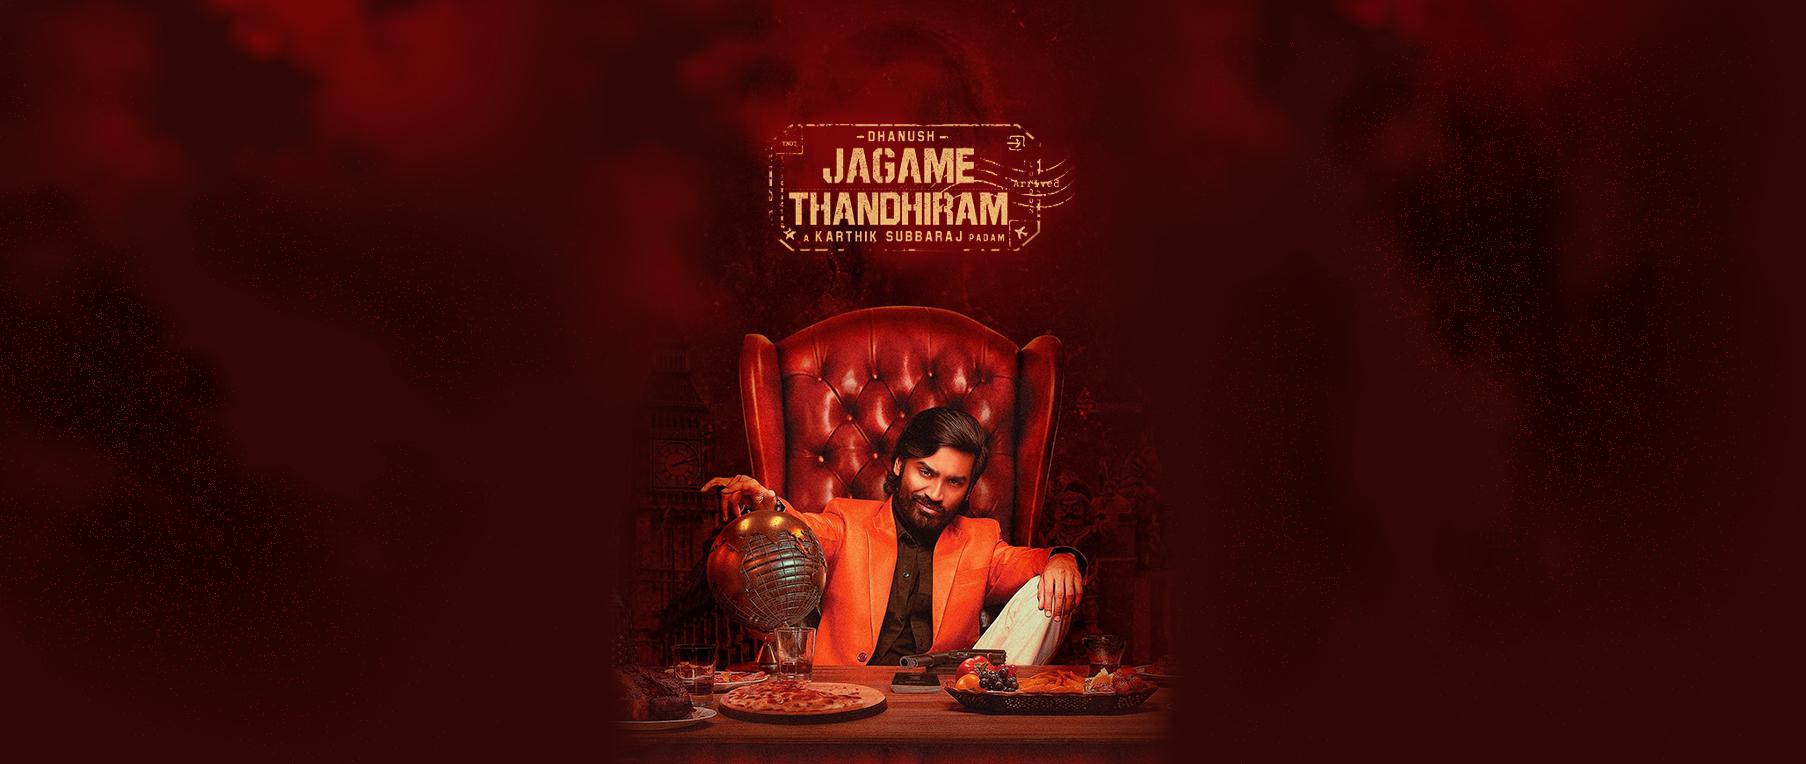 Jagame Thandhiram